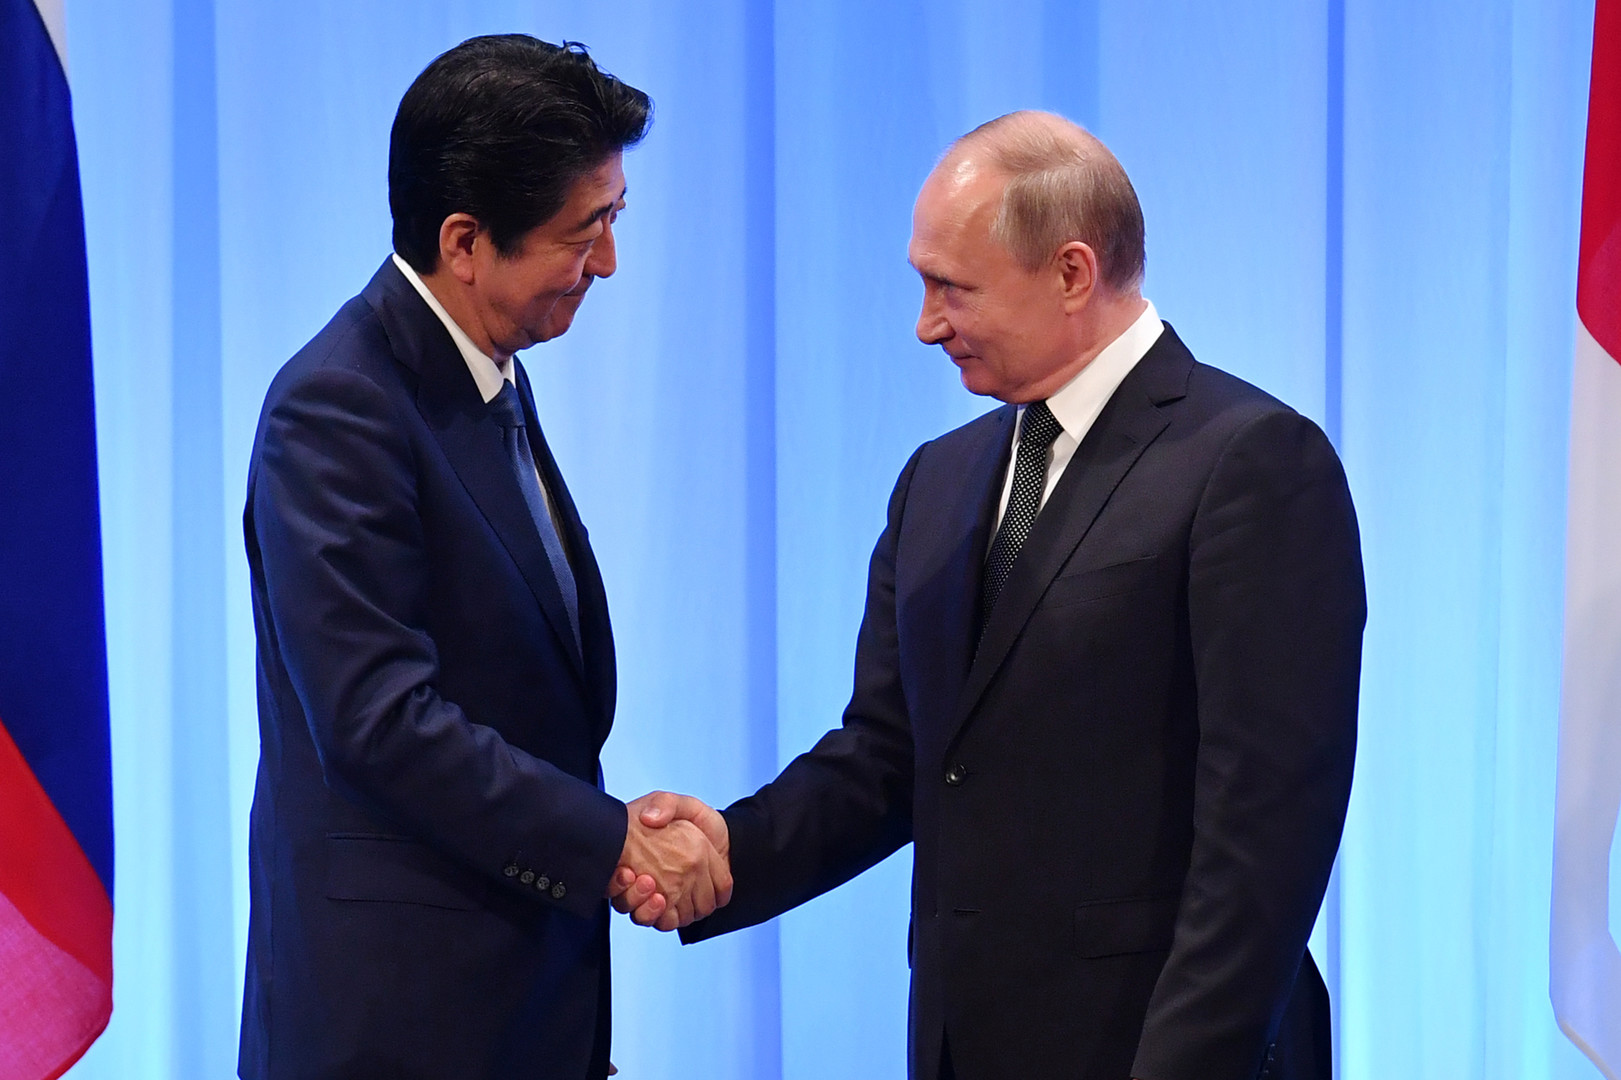 الرئيس الروسي فلاديمير بوتين ورئيس الوزراء الياباني شينزو آبي، أوساكا، 29 يونيو 2019